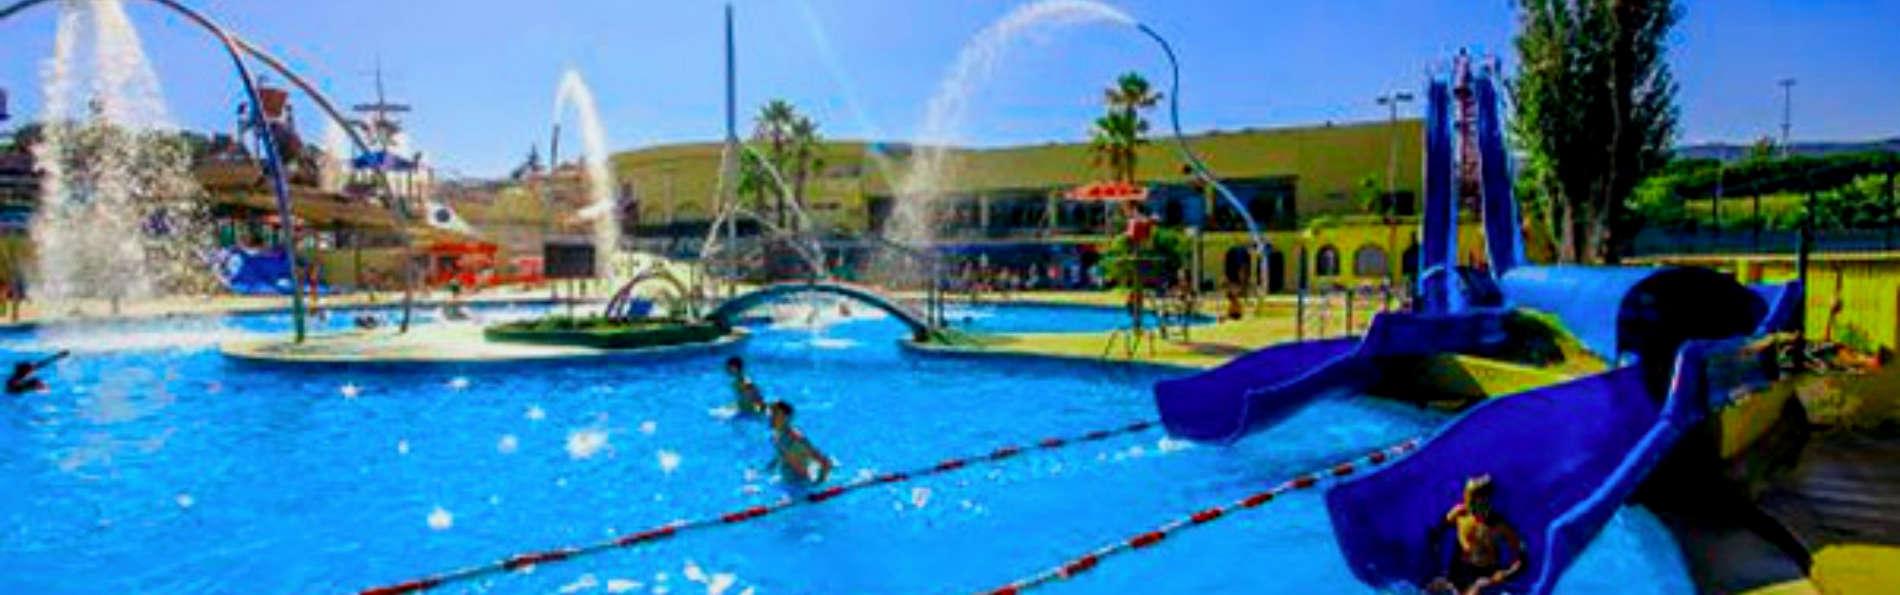 Week end avec des piscines de r ve sant cugat del vall s - Spa sant cugat ...